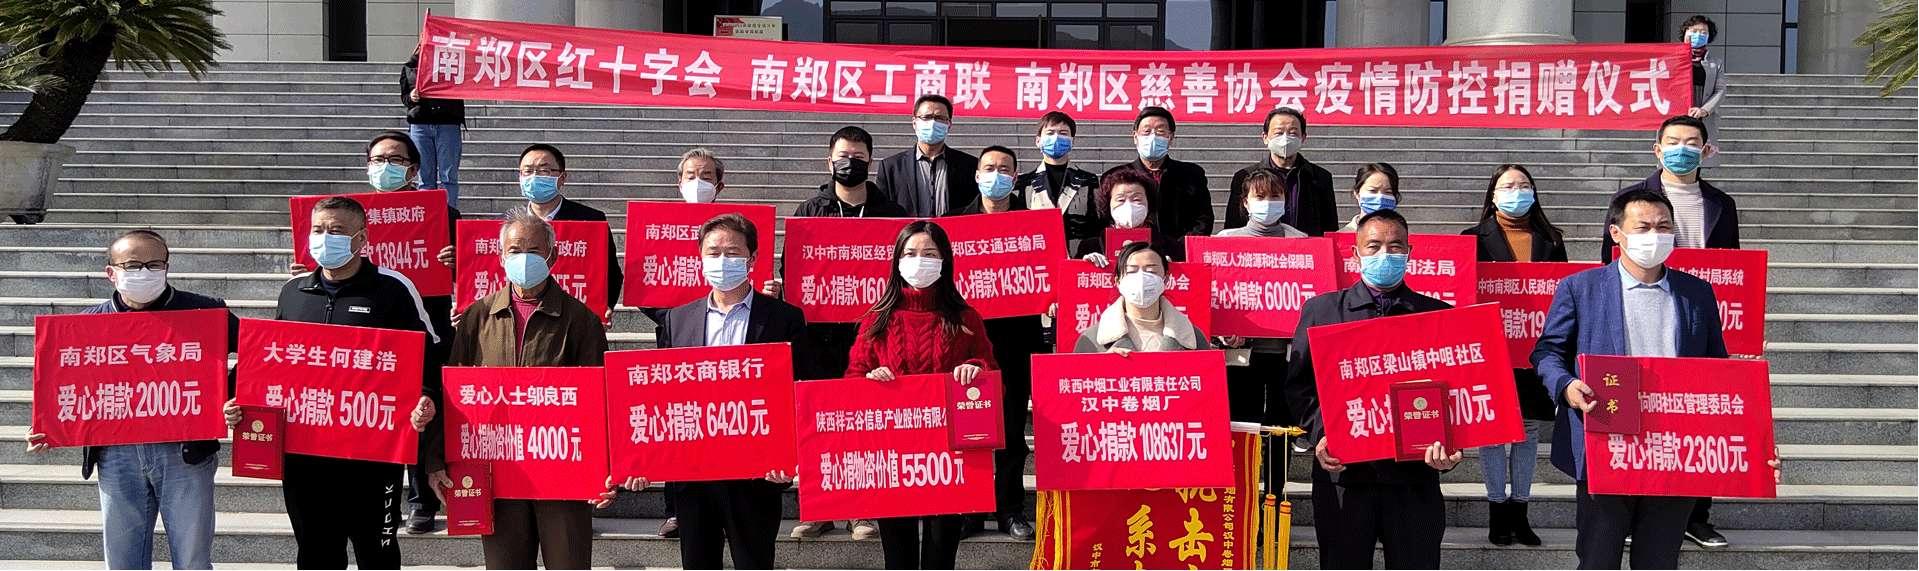 南郑区举行第五批新冠肺炎疫情捐赠仪式